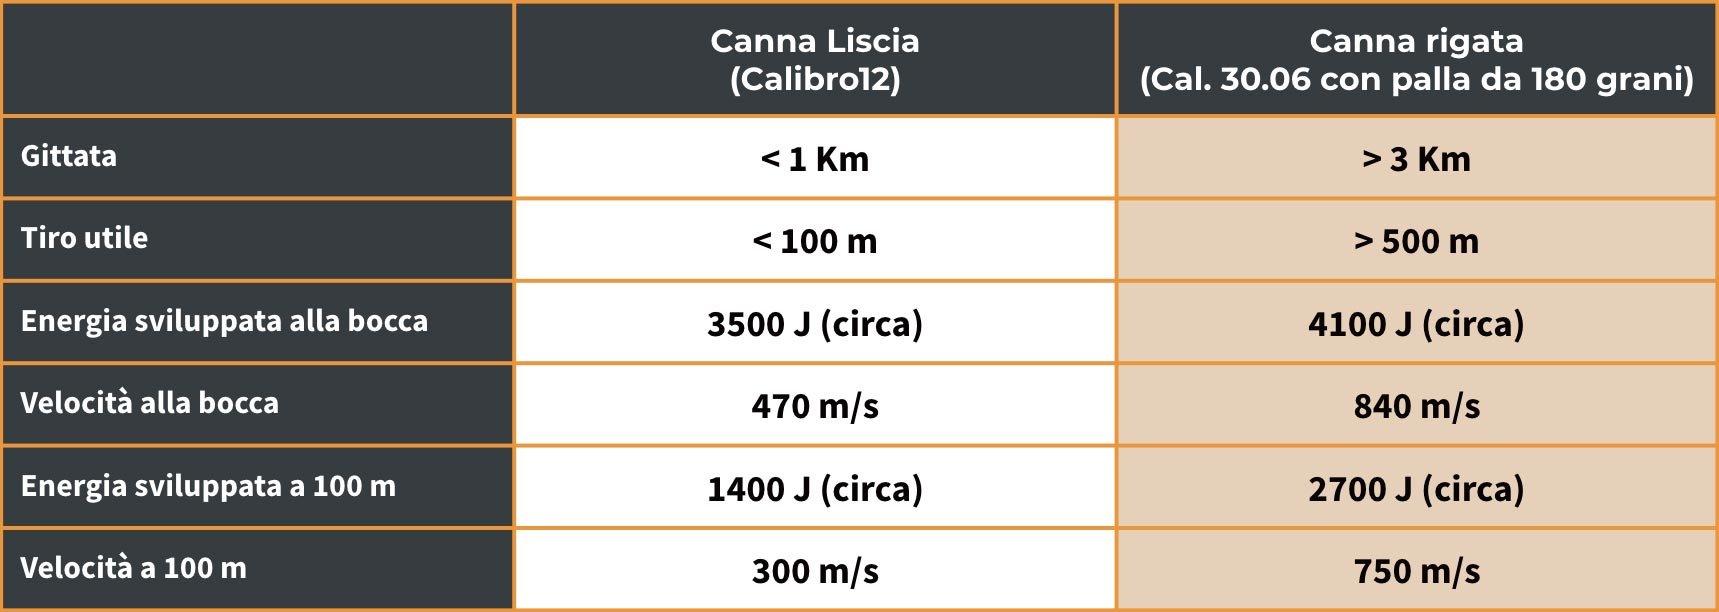 Tabella-Canna-Liscia-Canna-Rigata